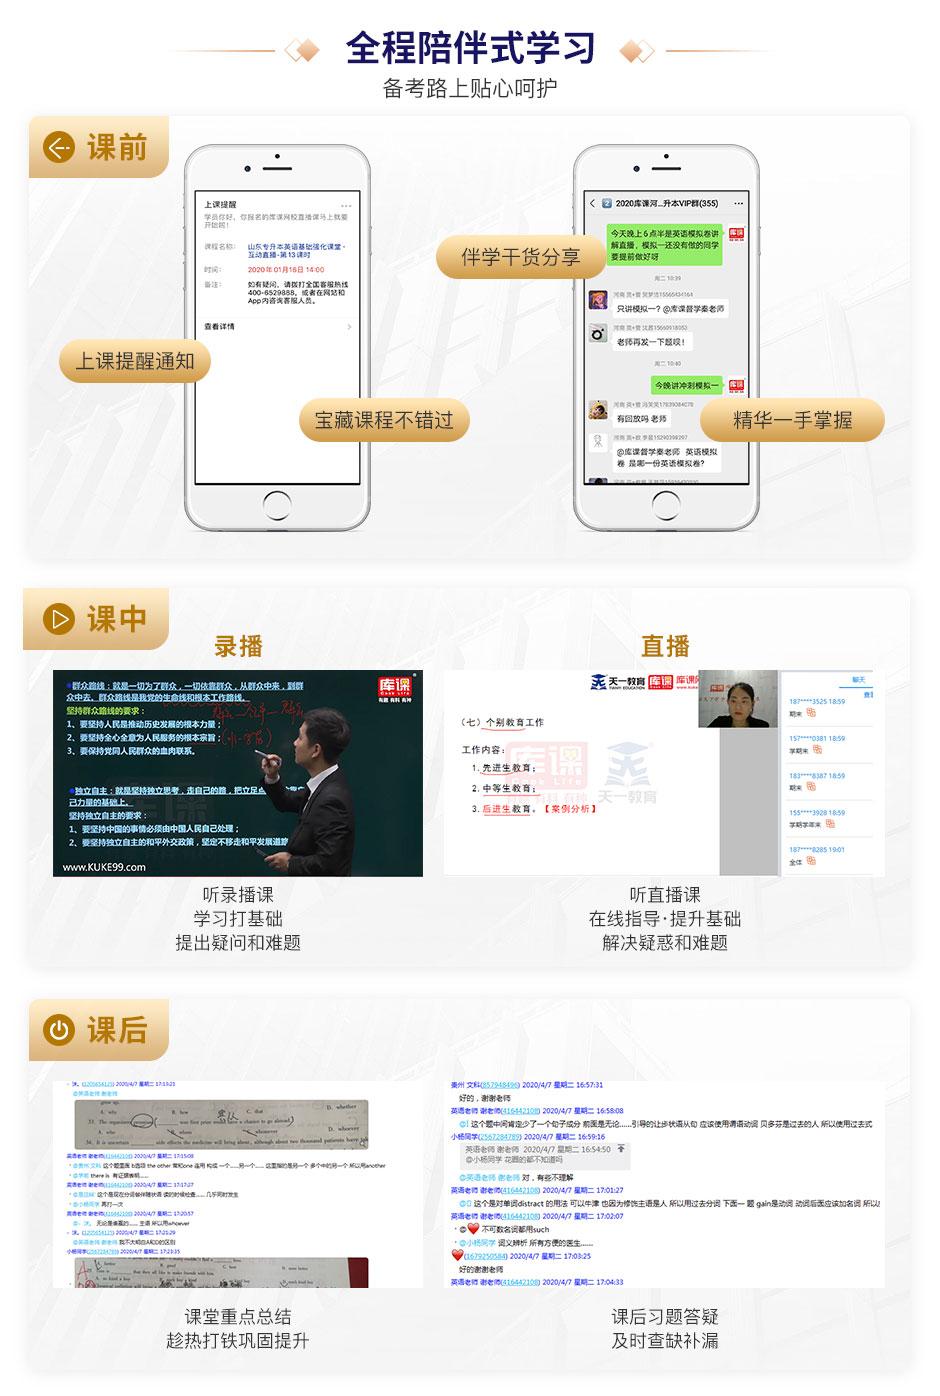 云南vip-语文_05.jpg